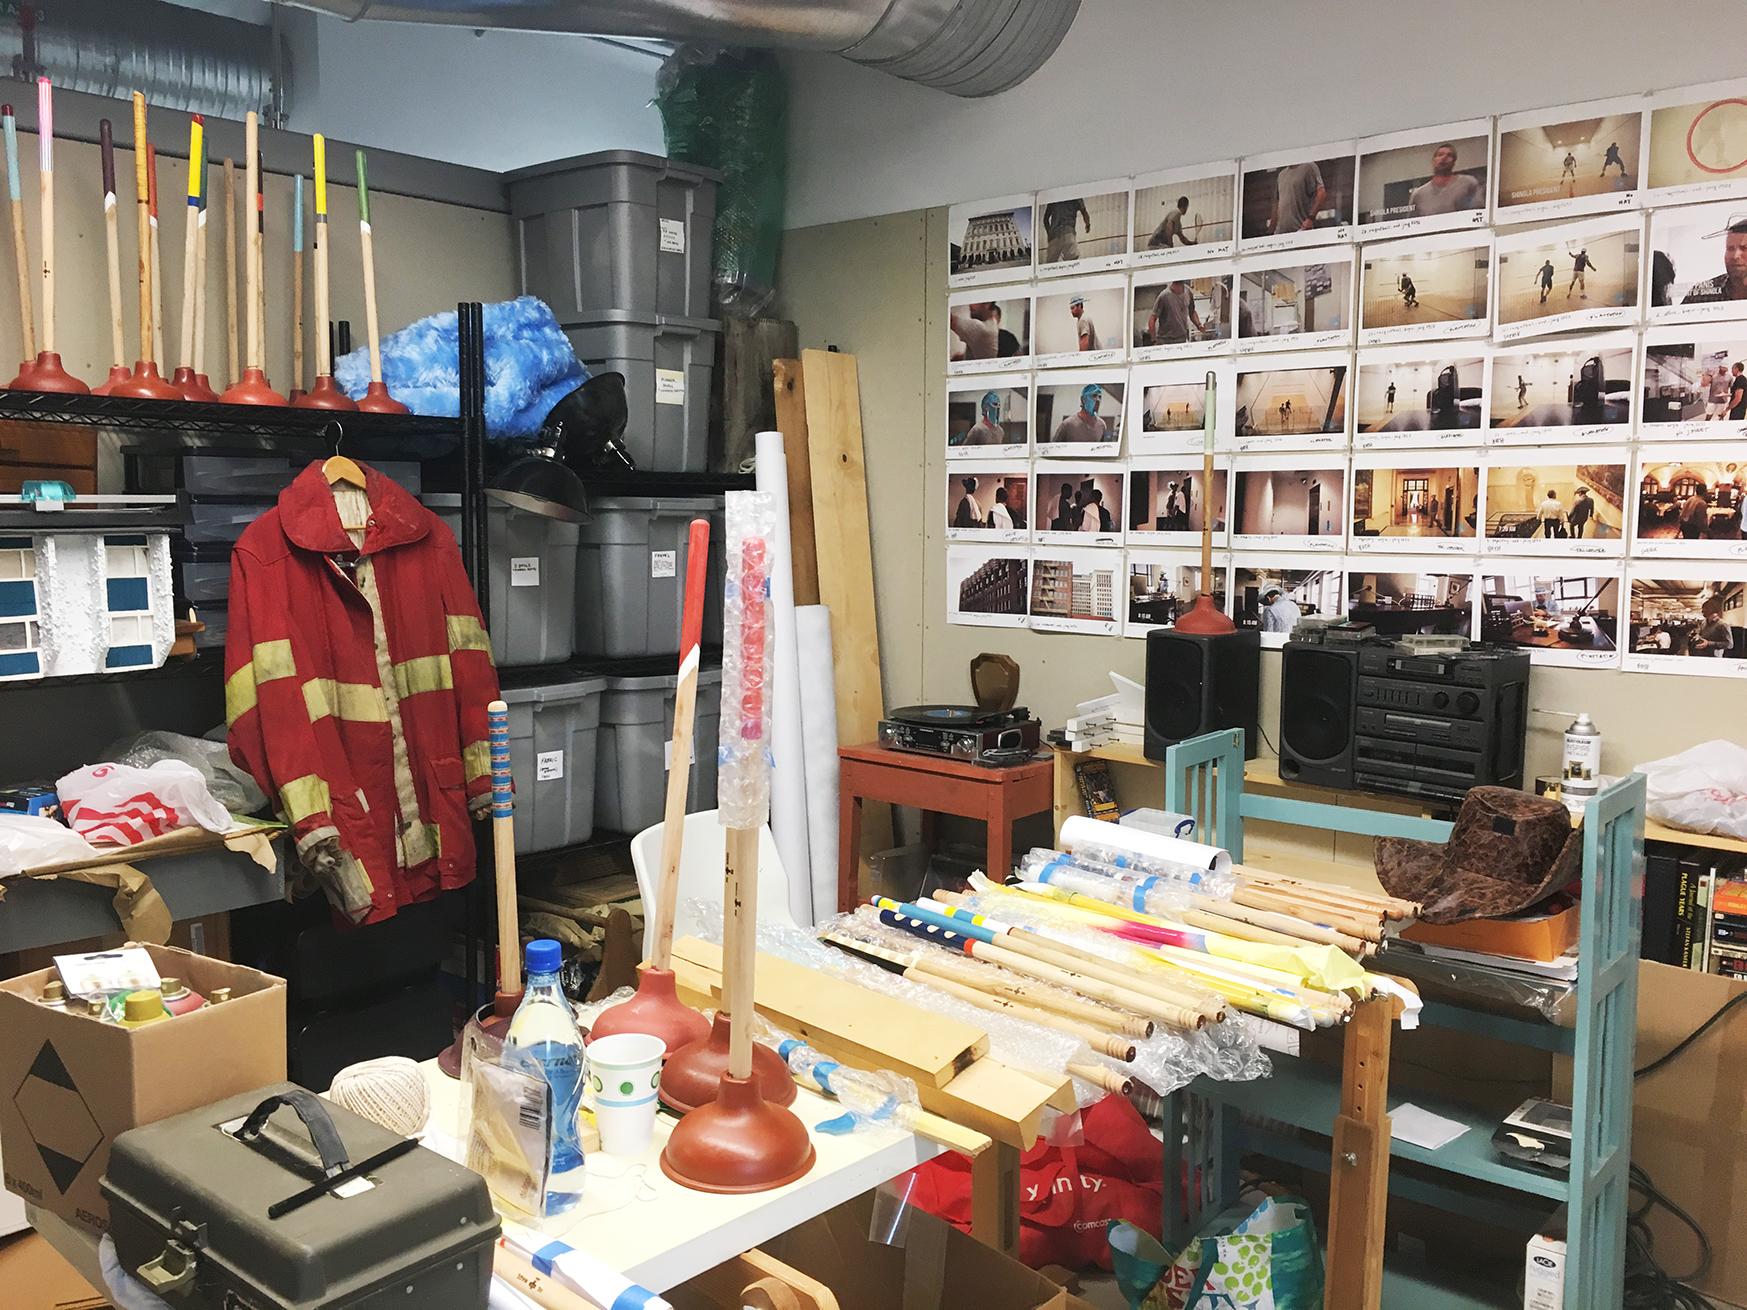 Rebekah Modrak's father, Robert, was a firefighter in the Homewood neighborhood of Pittsburgh. His coat hangs in her studio. Image credit: Rebekah Modrak